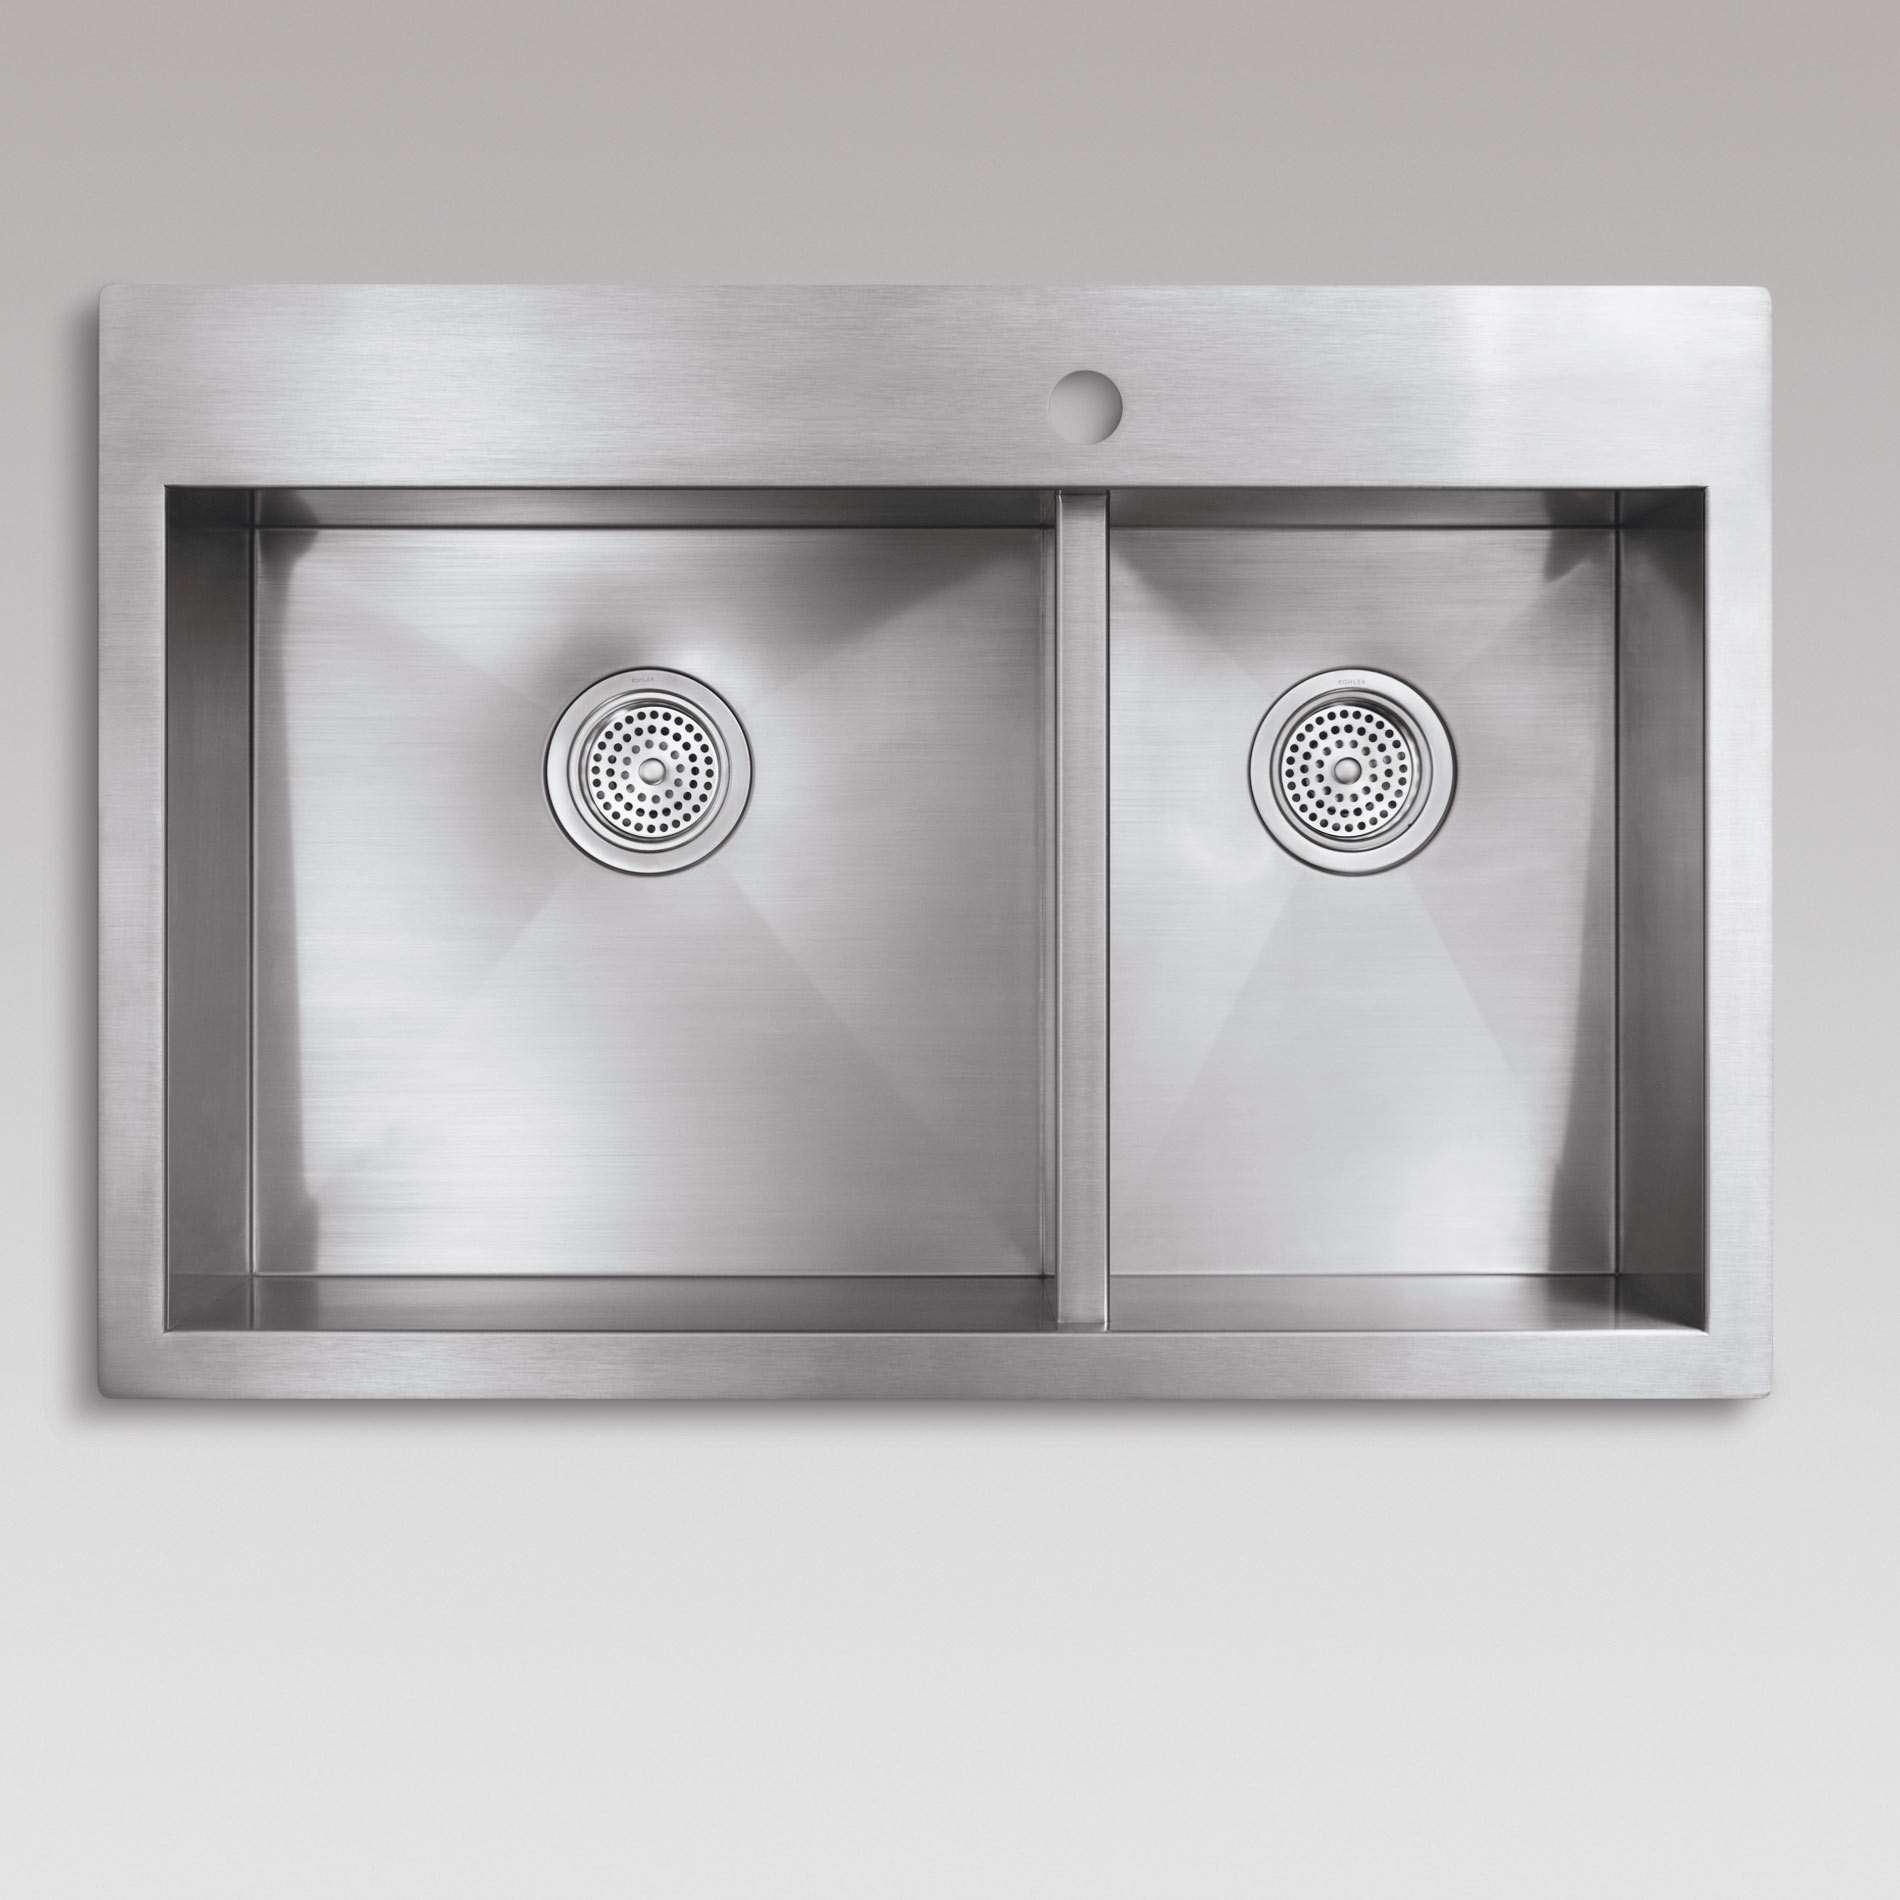 Kohler: Vault 3823 Stainless Steel Sink - Kitchen Sinks & Taps on